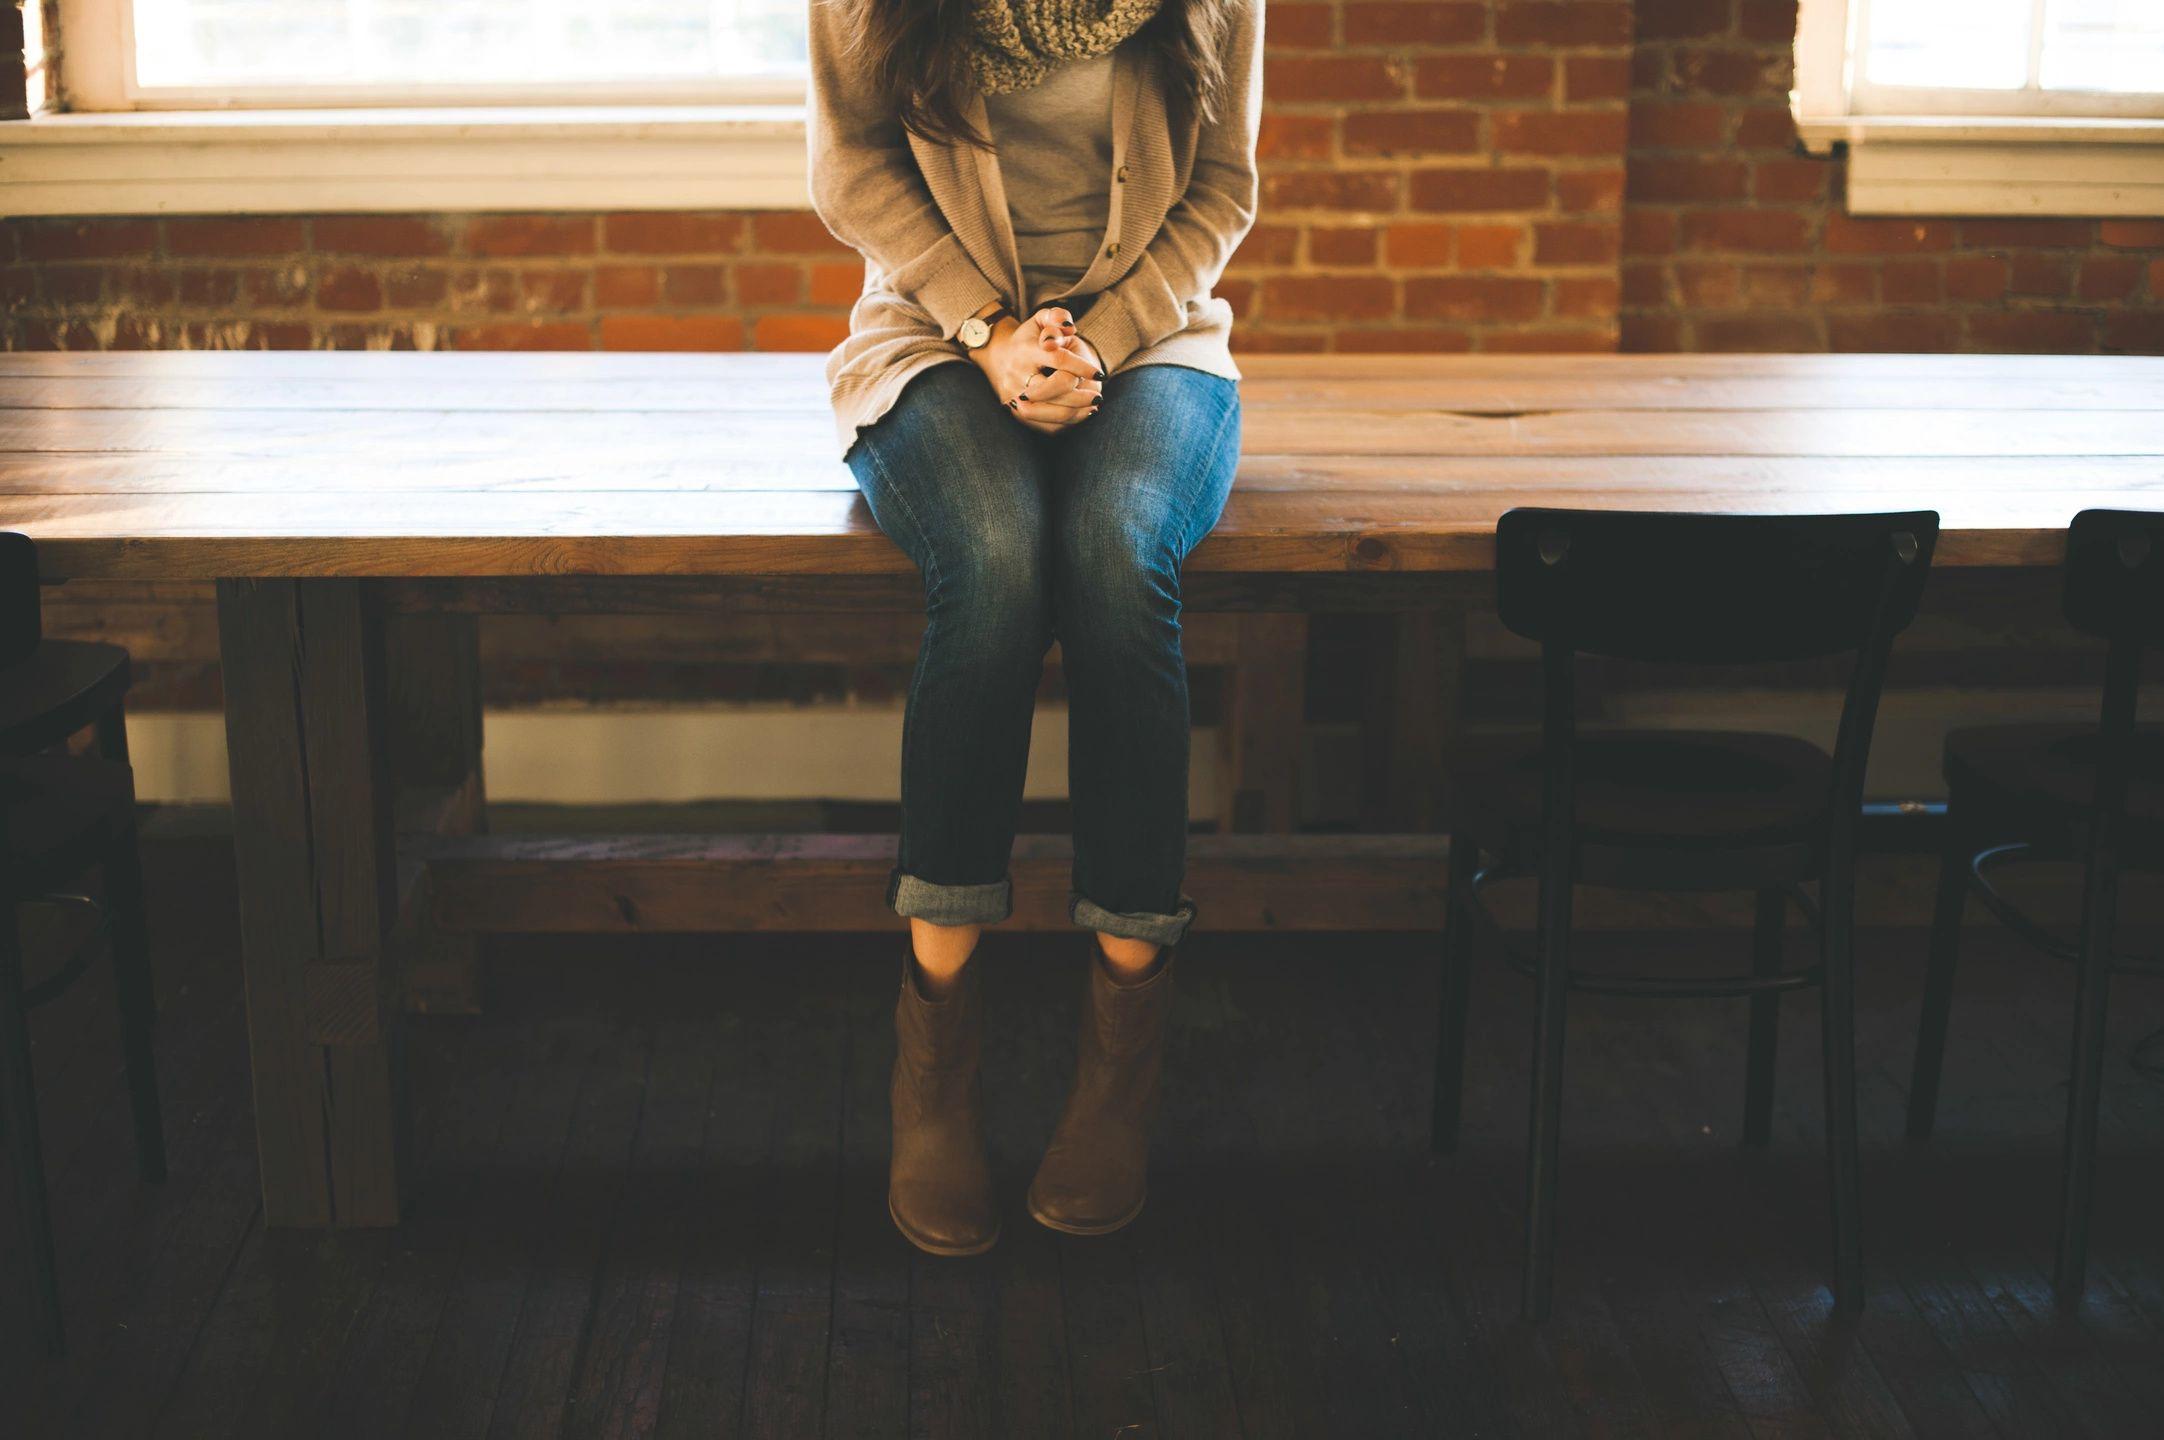 mulher sozinha em cima de mesa